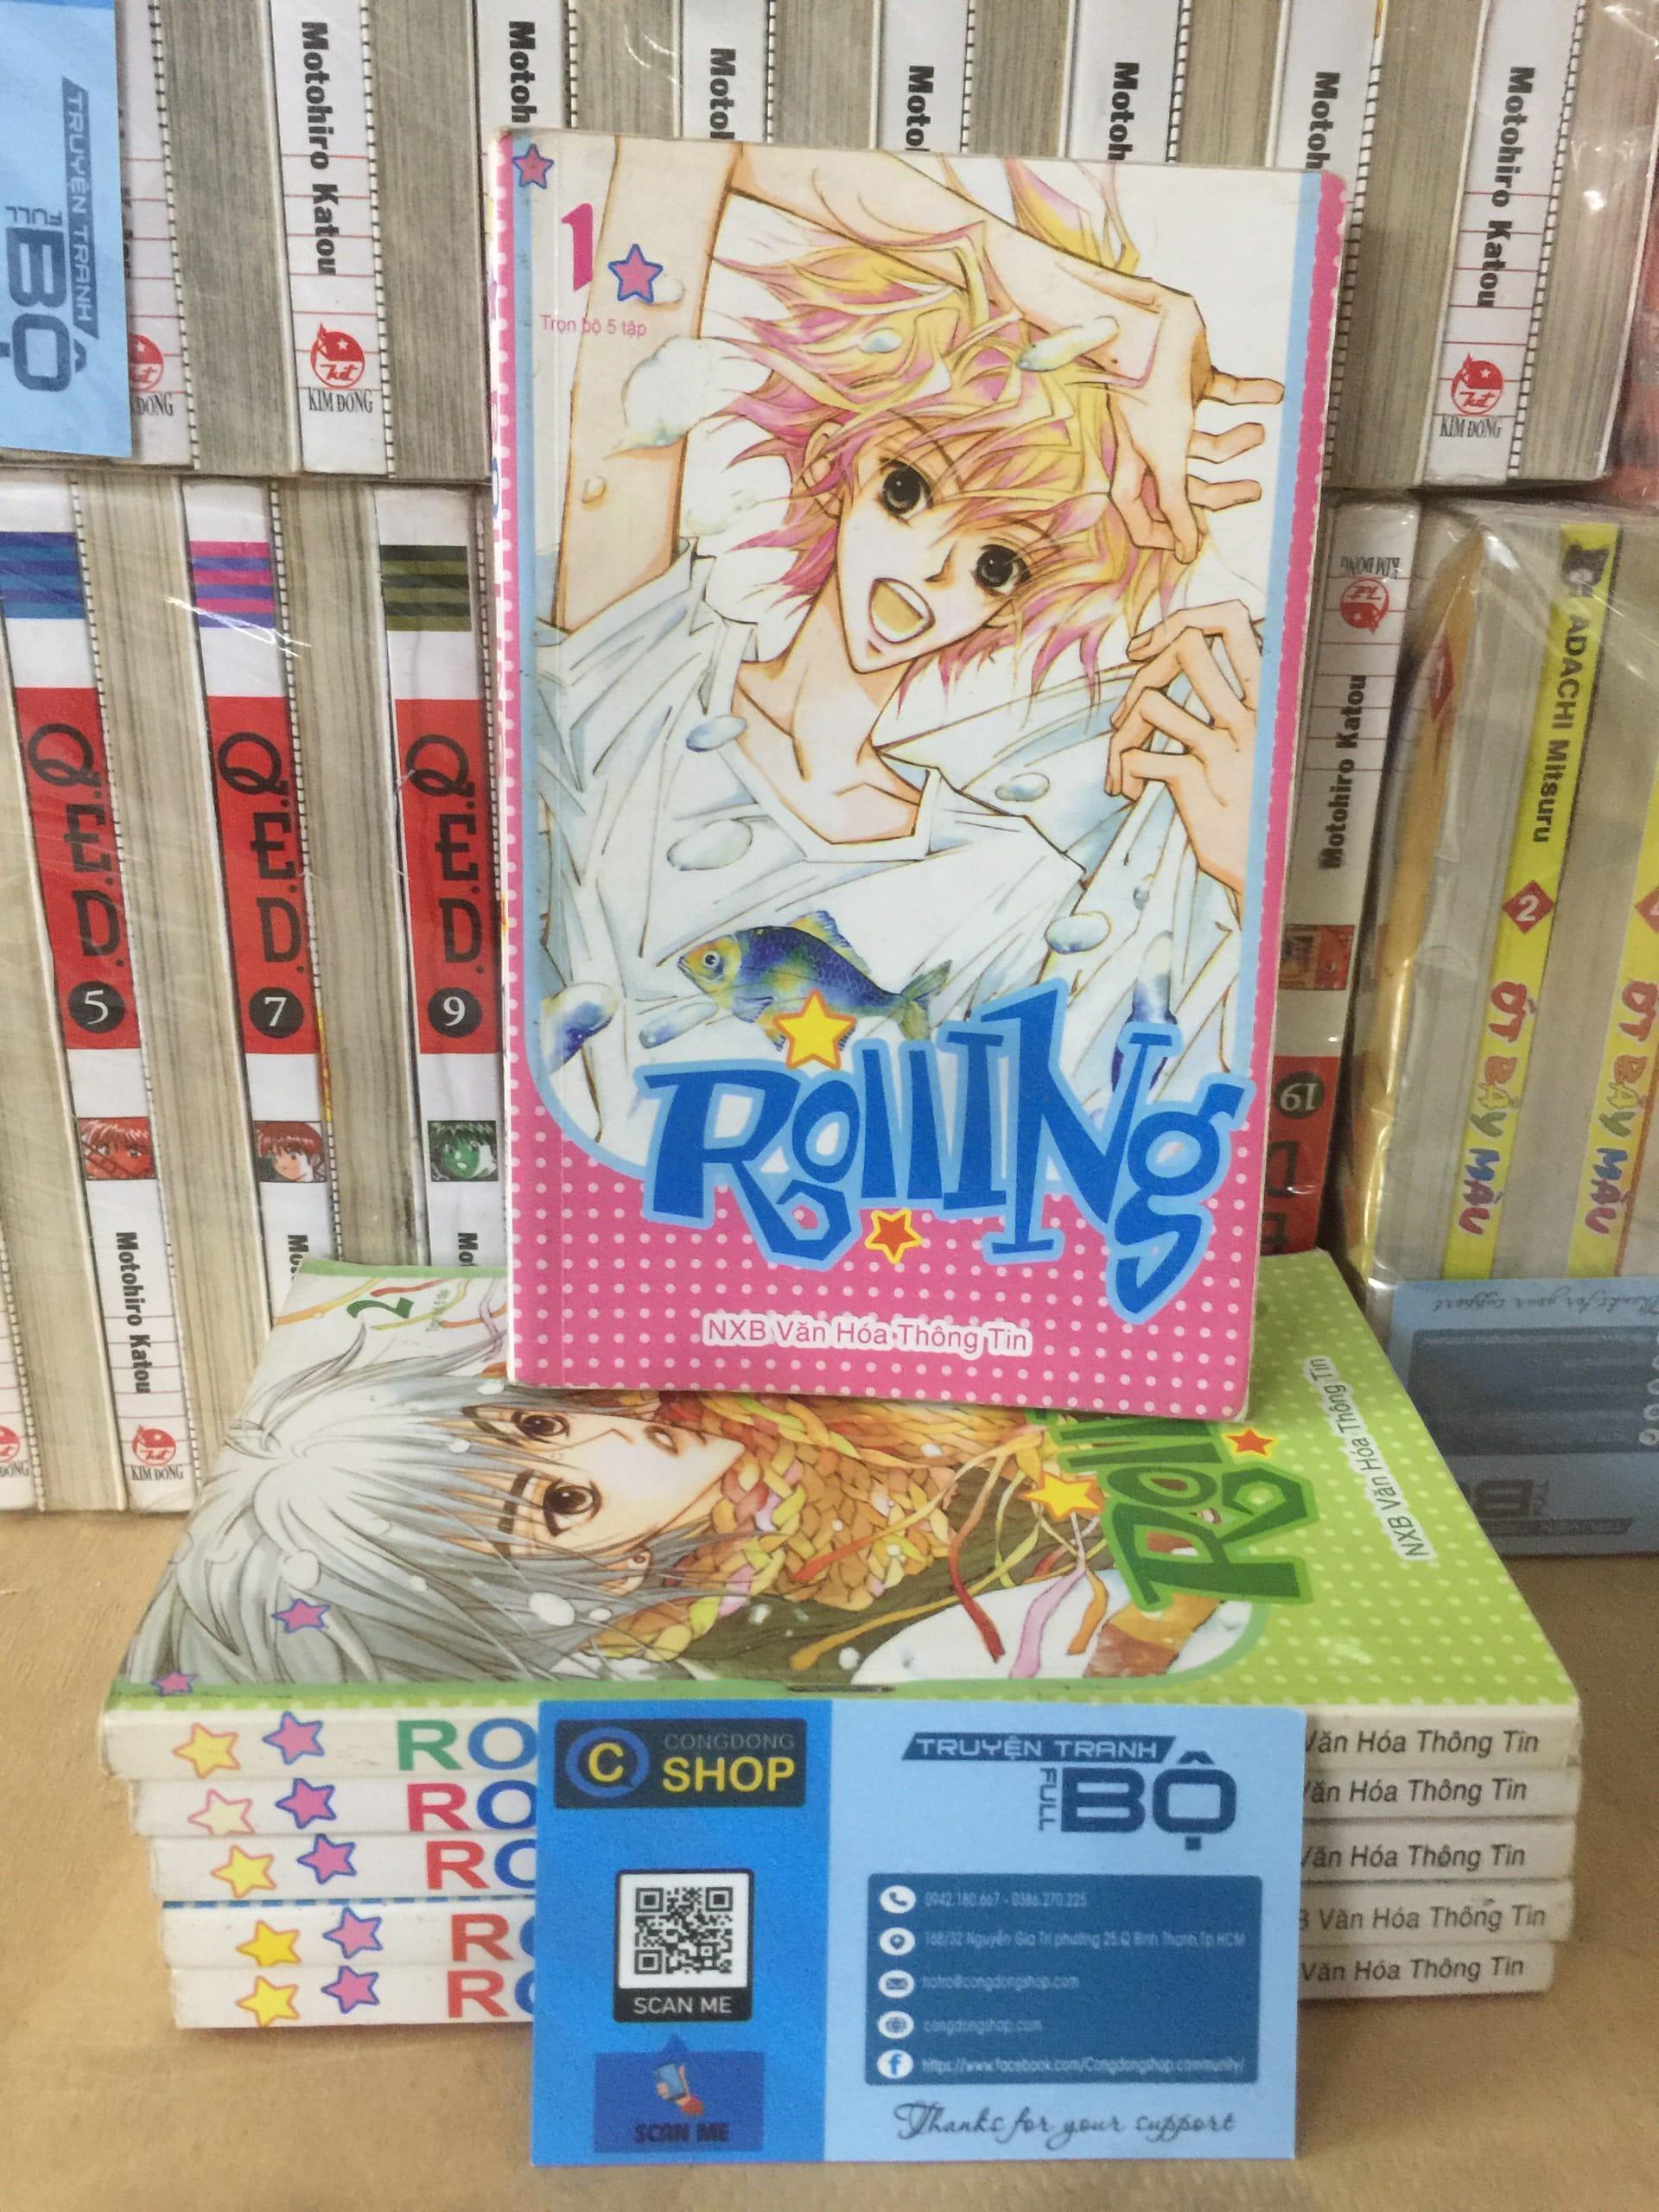 Truyện Rolling Full bộ 6 Tập Giá rẻ